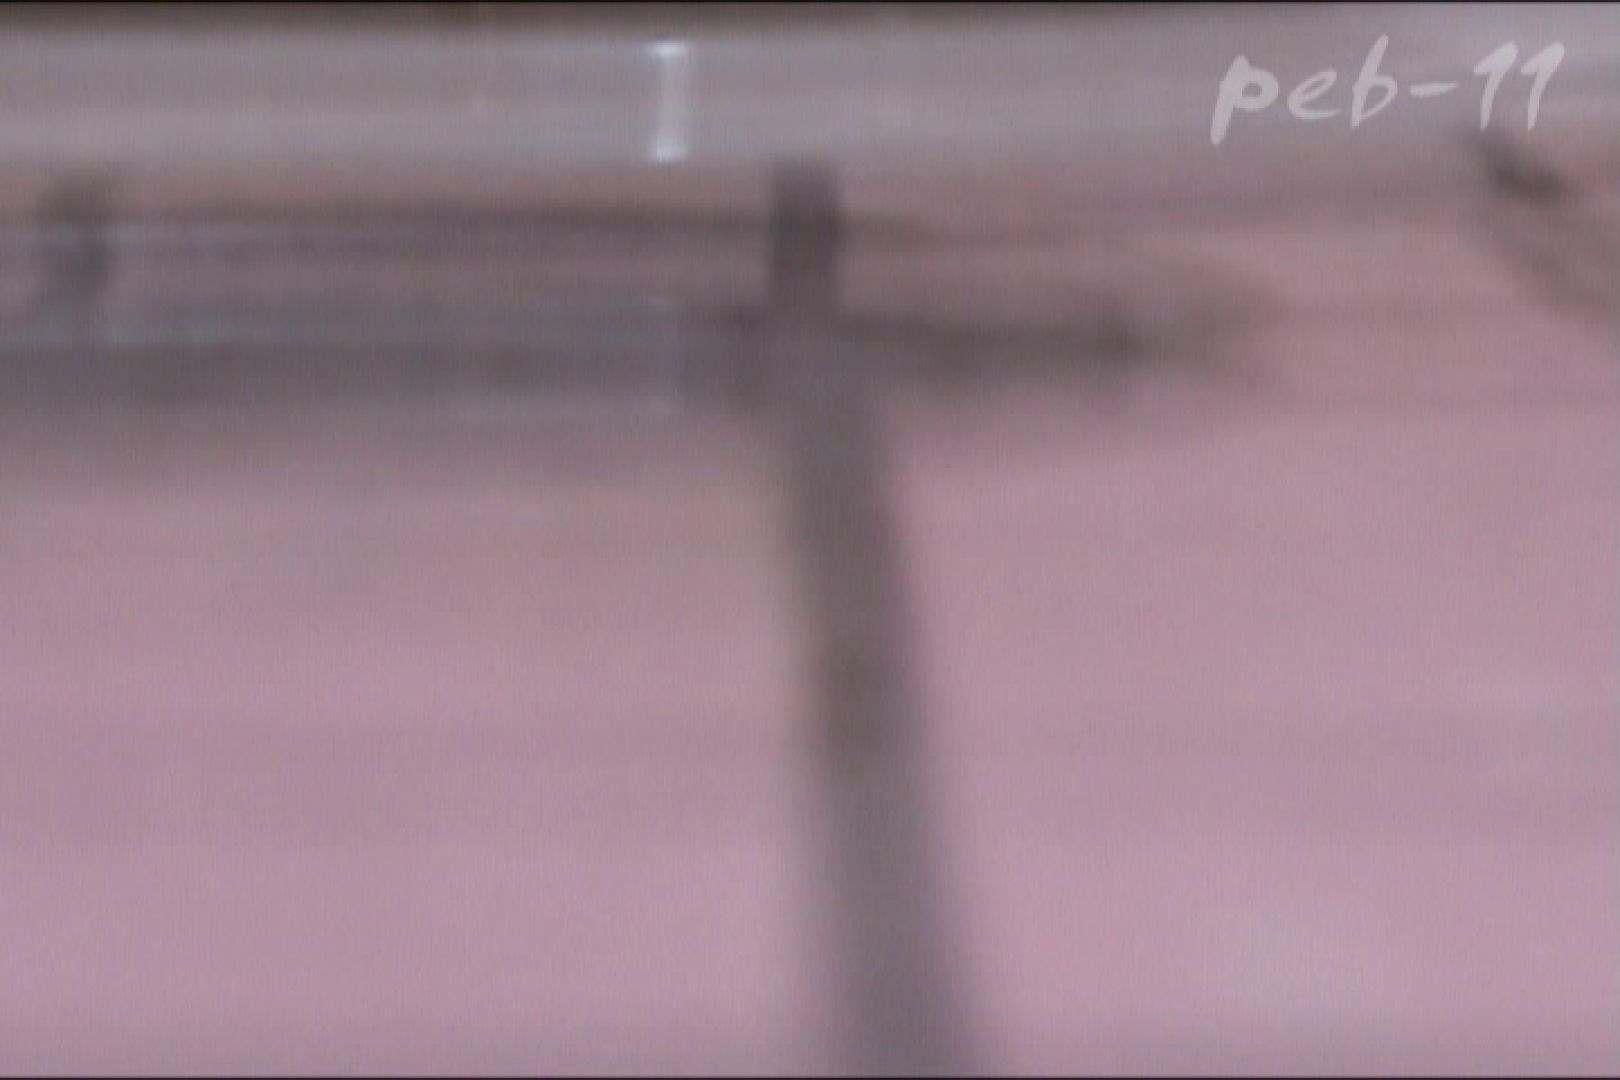 期間限定 マンコ丸見え!体育館潜入撮File011 潜入 オマンコ動画キャプチャ 55PIX 39